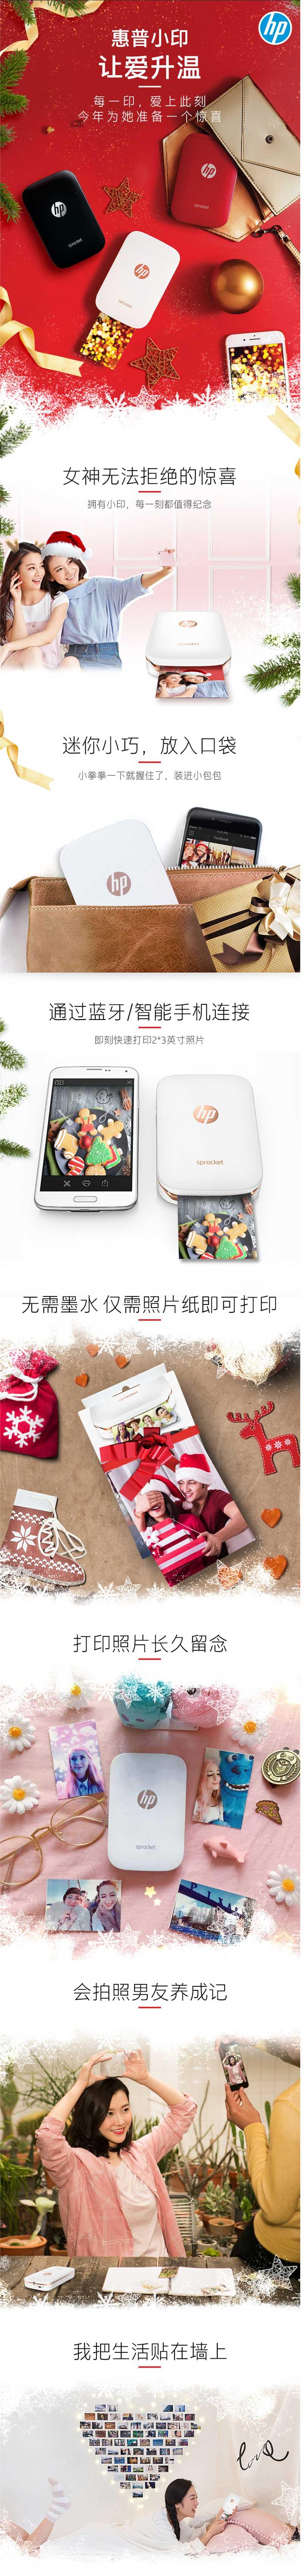 惠普(HP)小印Sprocket 100(白) 手机口袋照片打印机 年会礼品 圣诞节日礼物 蓝牙连接 手账必备